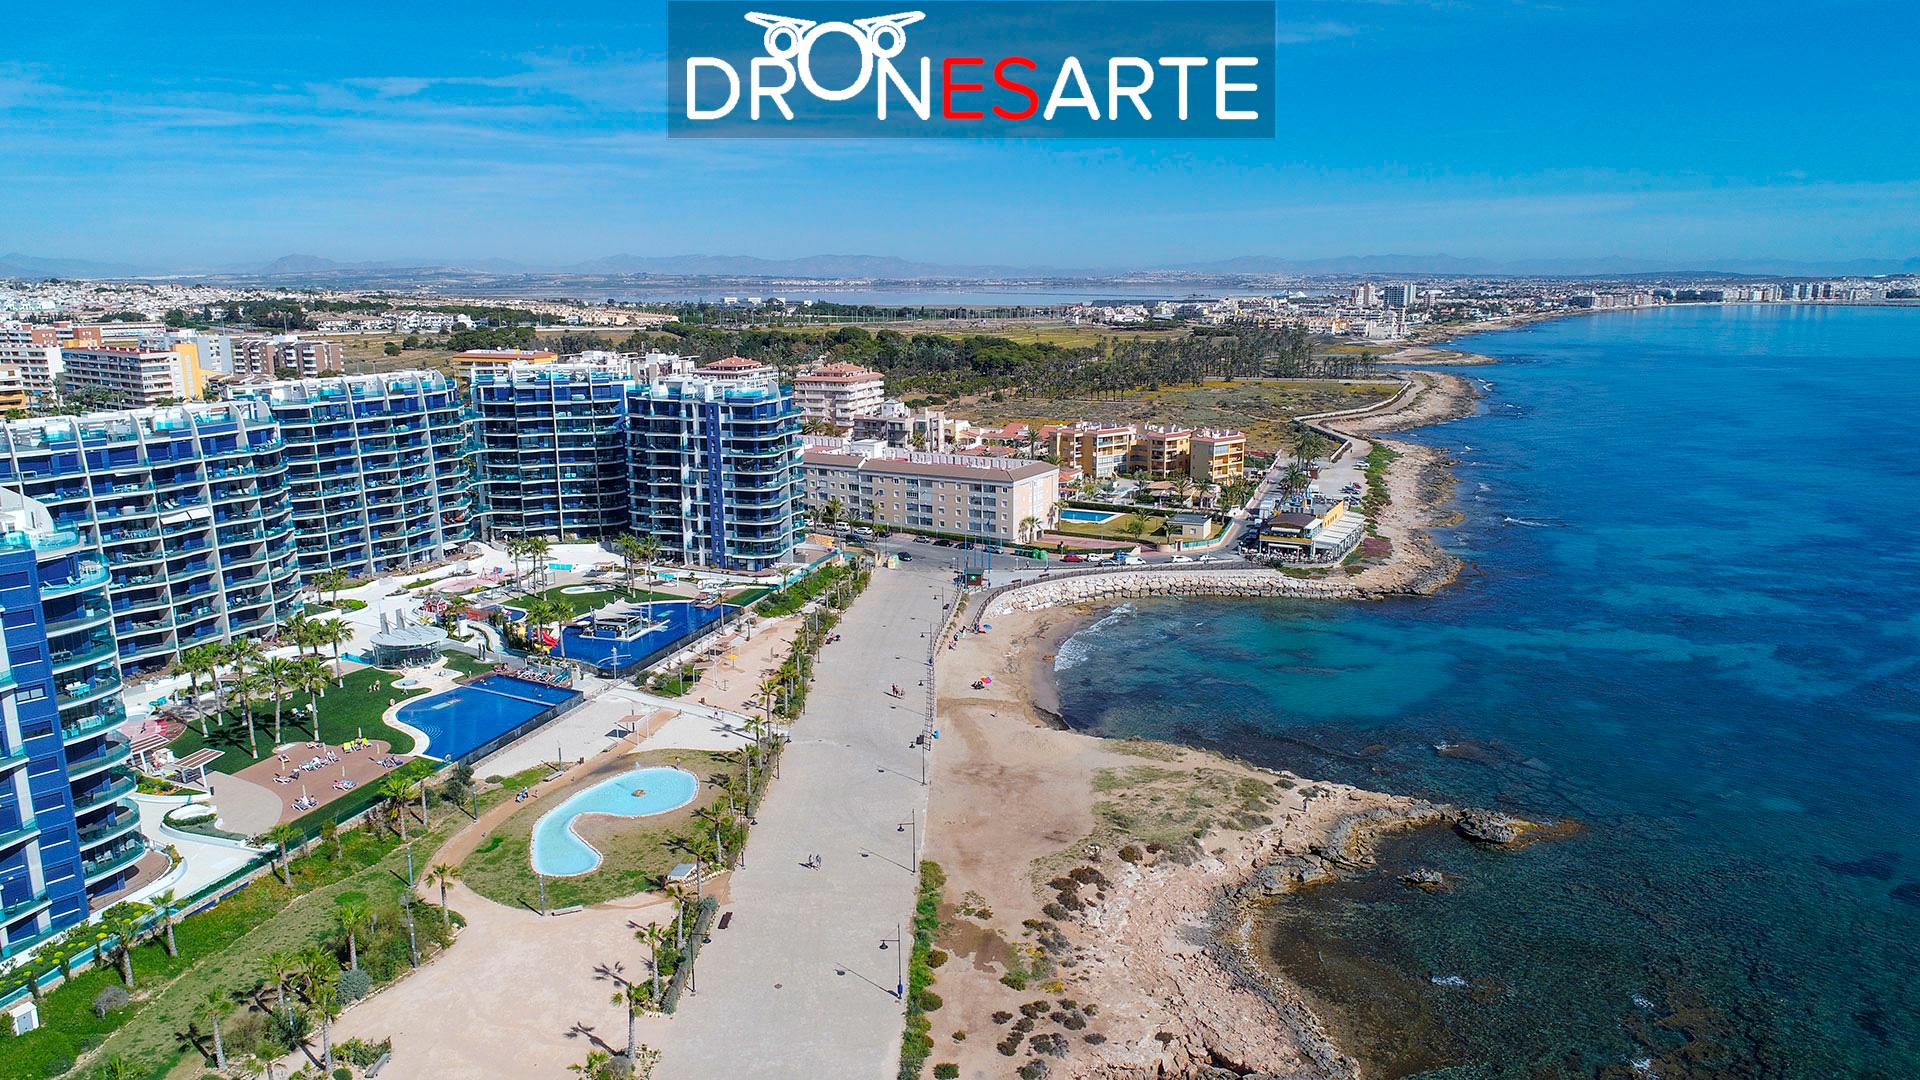 Productora audiovisual Alicante-Fotografía y vídeo con drones